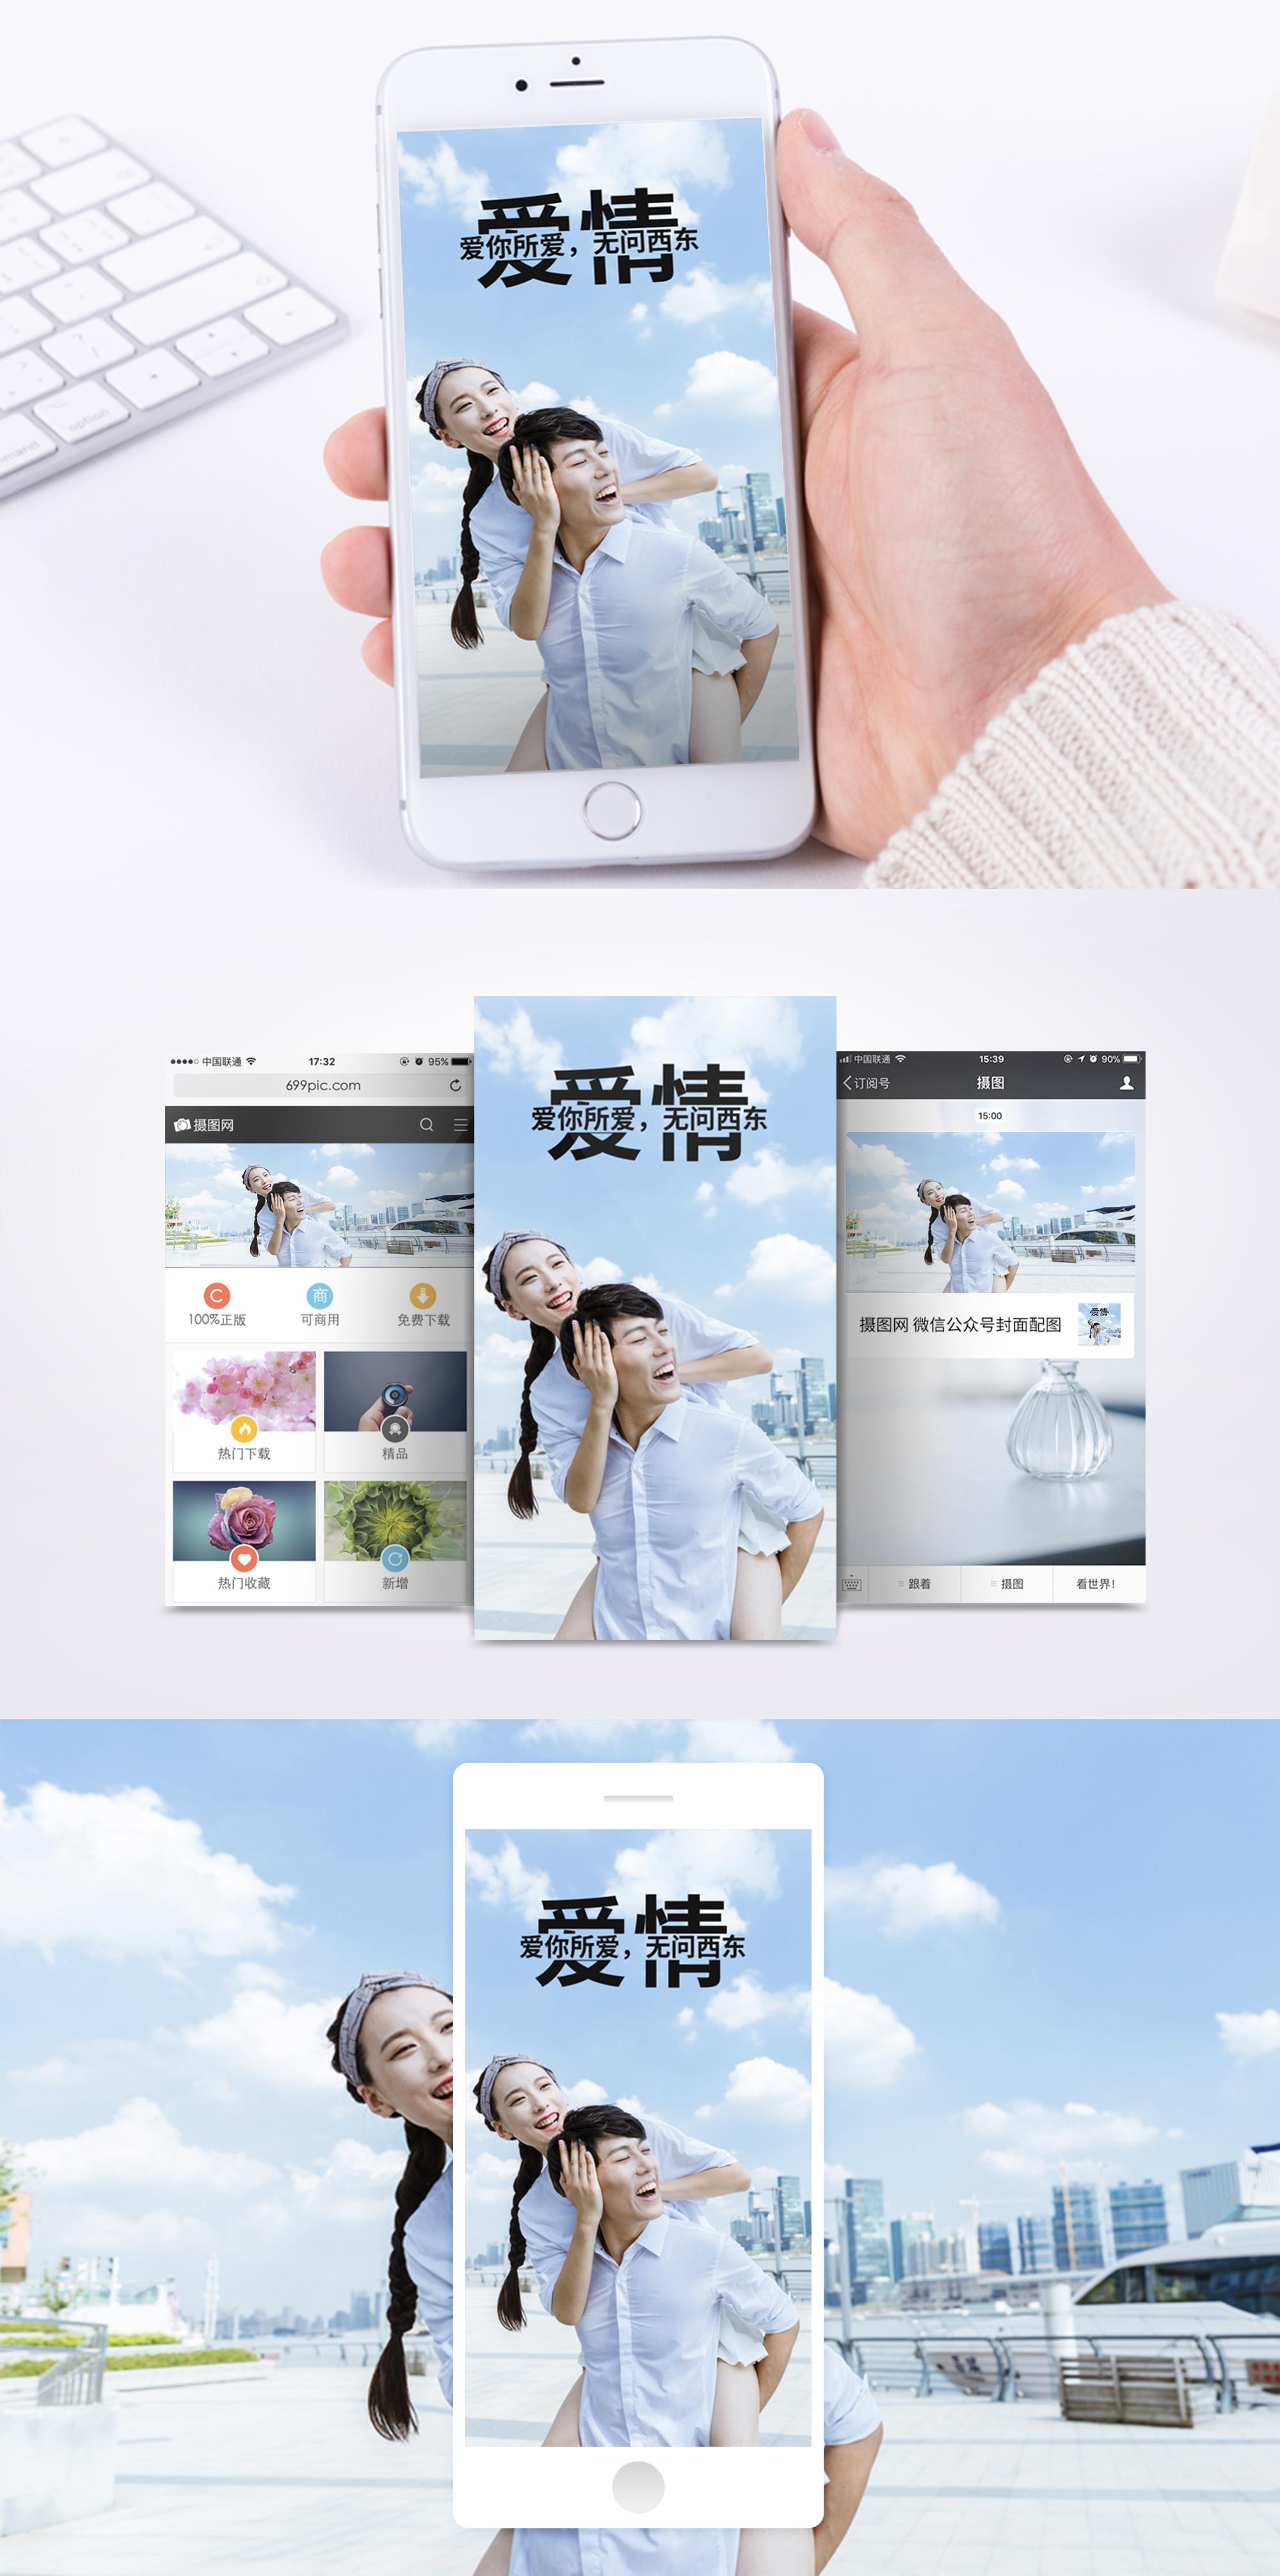 Pria Dan Wanita Segar Kecil Memainkan Wallpaper Ponsel